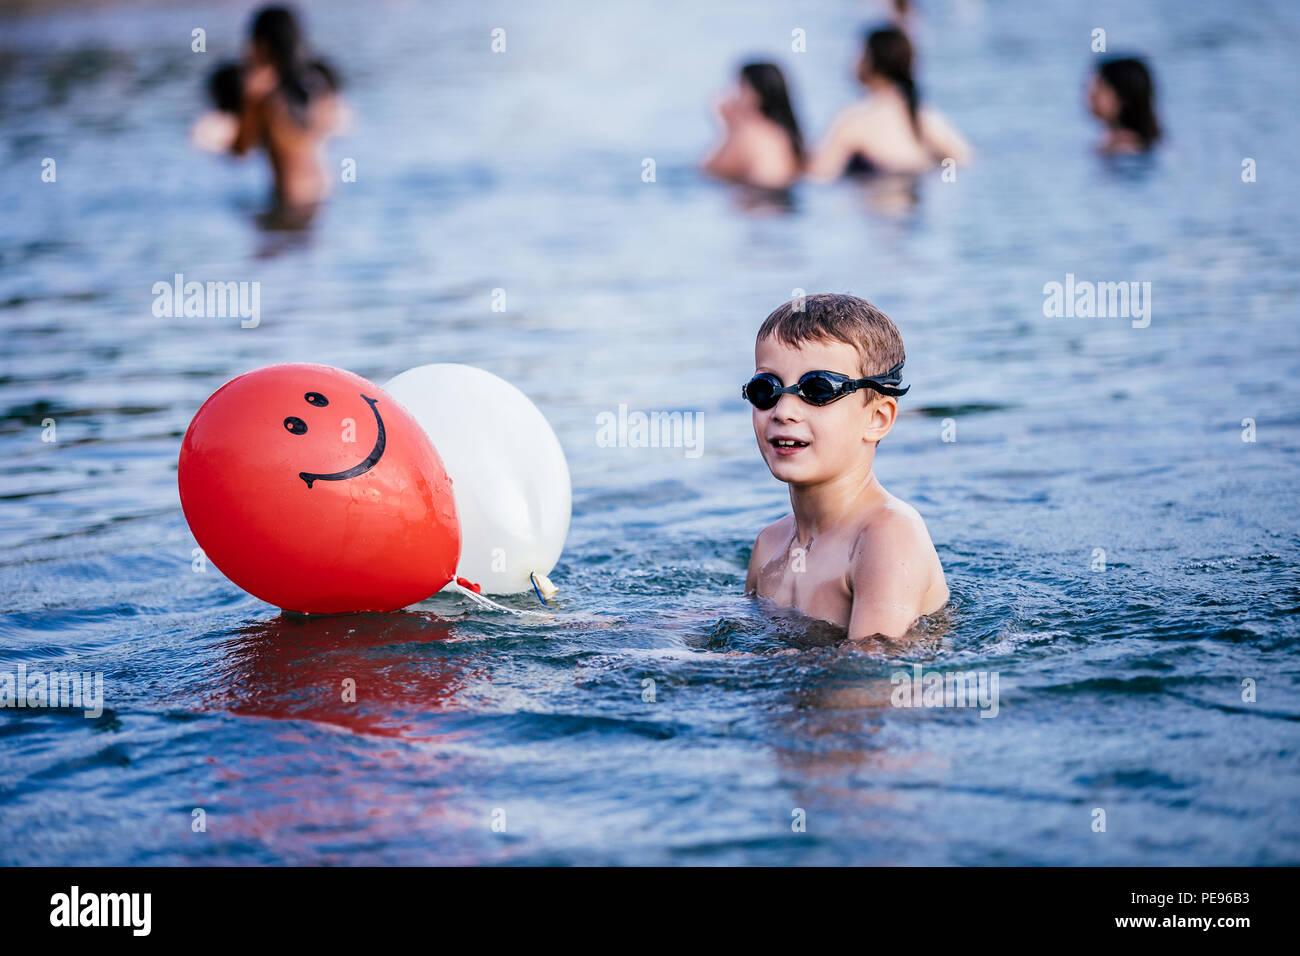 Niño feliz jugando y nadando en el mar con globos. Concepto de vacaciones de verano Imagen De Stock